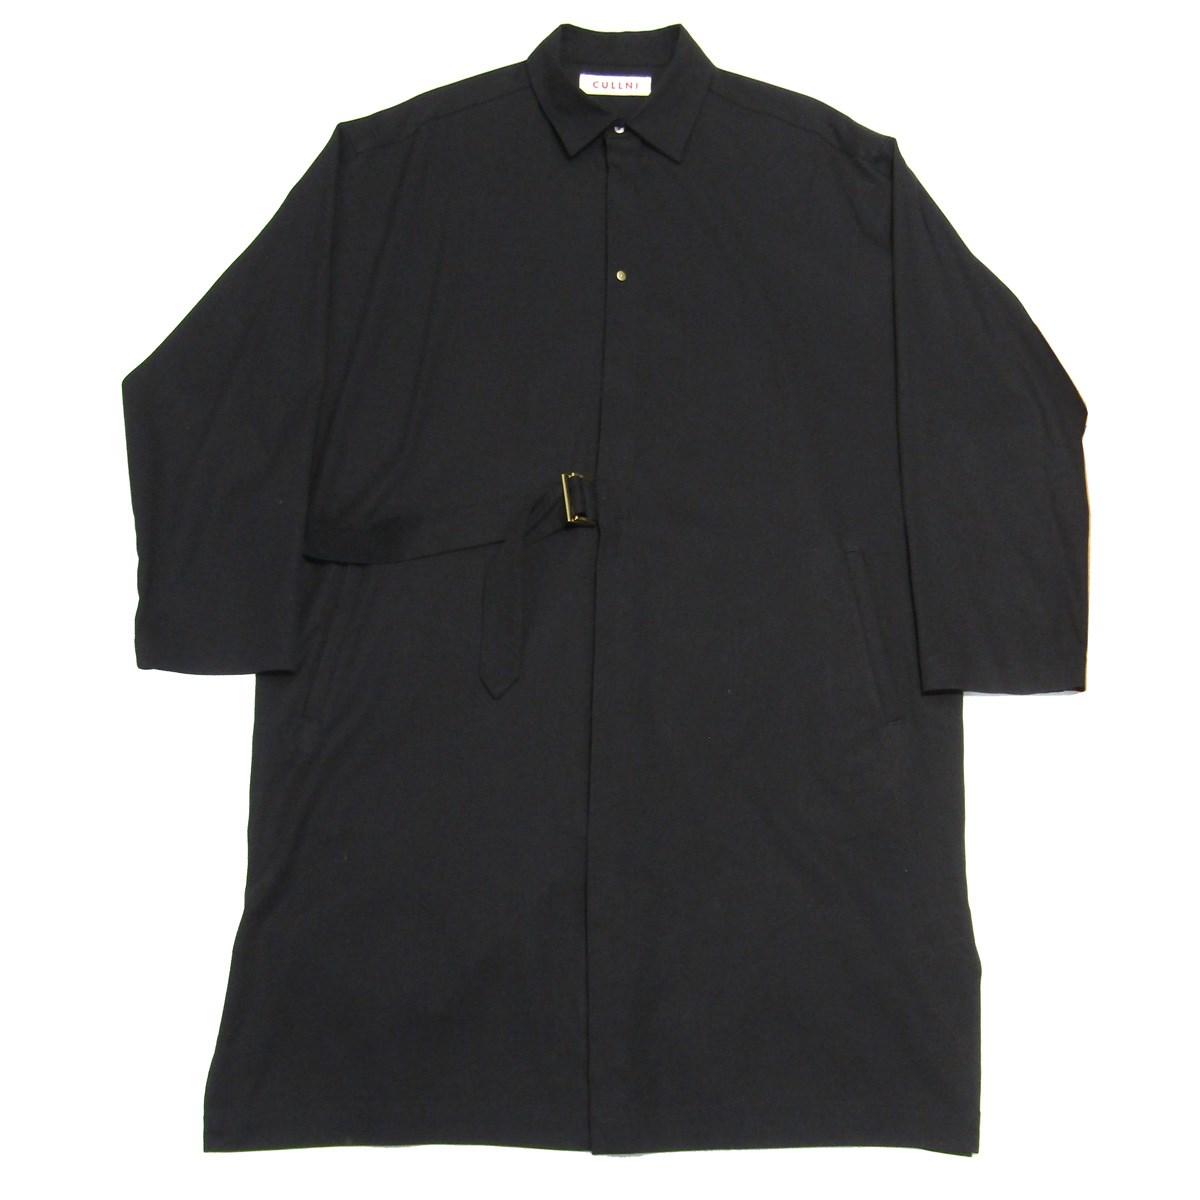 【中古】CULLNI 2020SS タイロッケンドルマンシャツコート ブラック サイズ:1 【020520】(クル二)